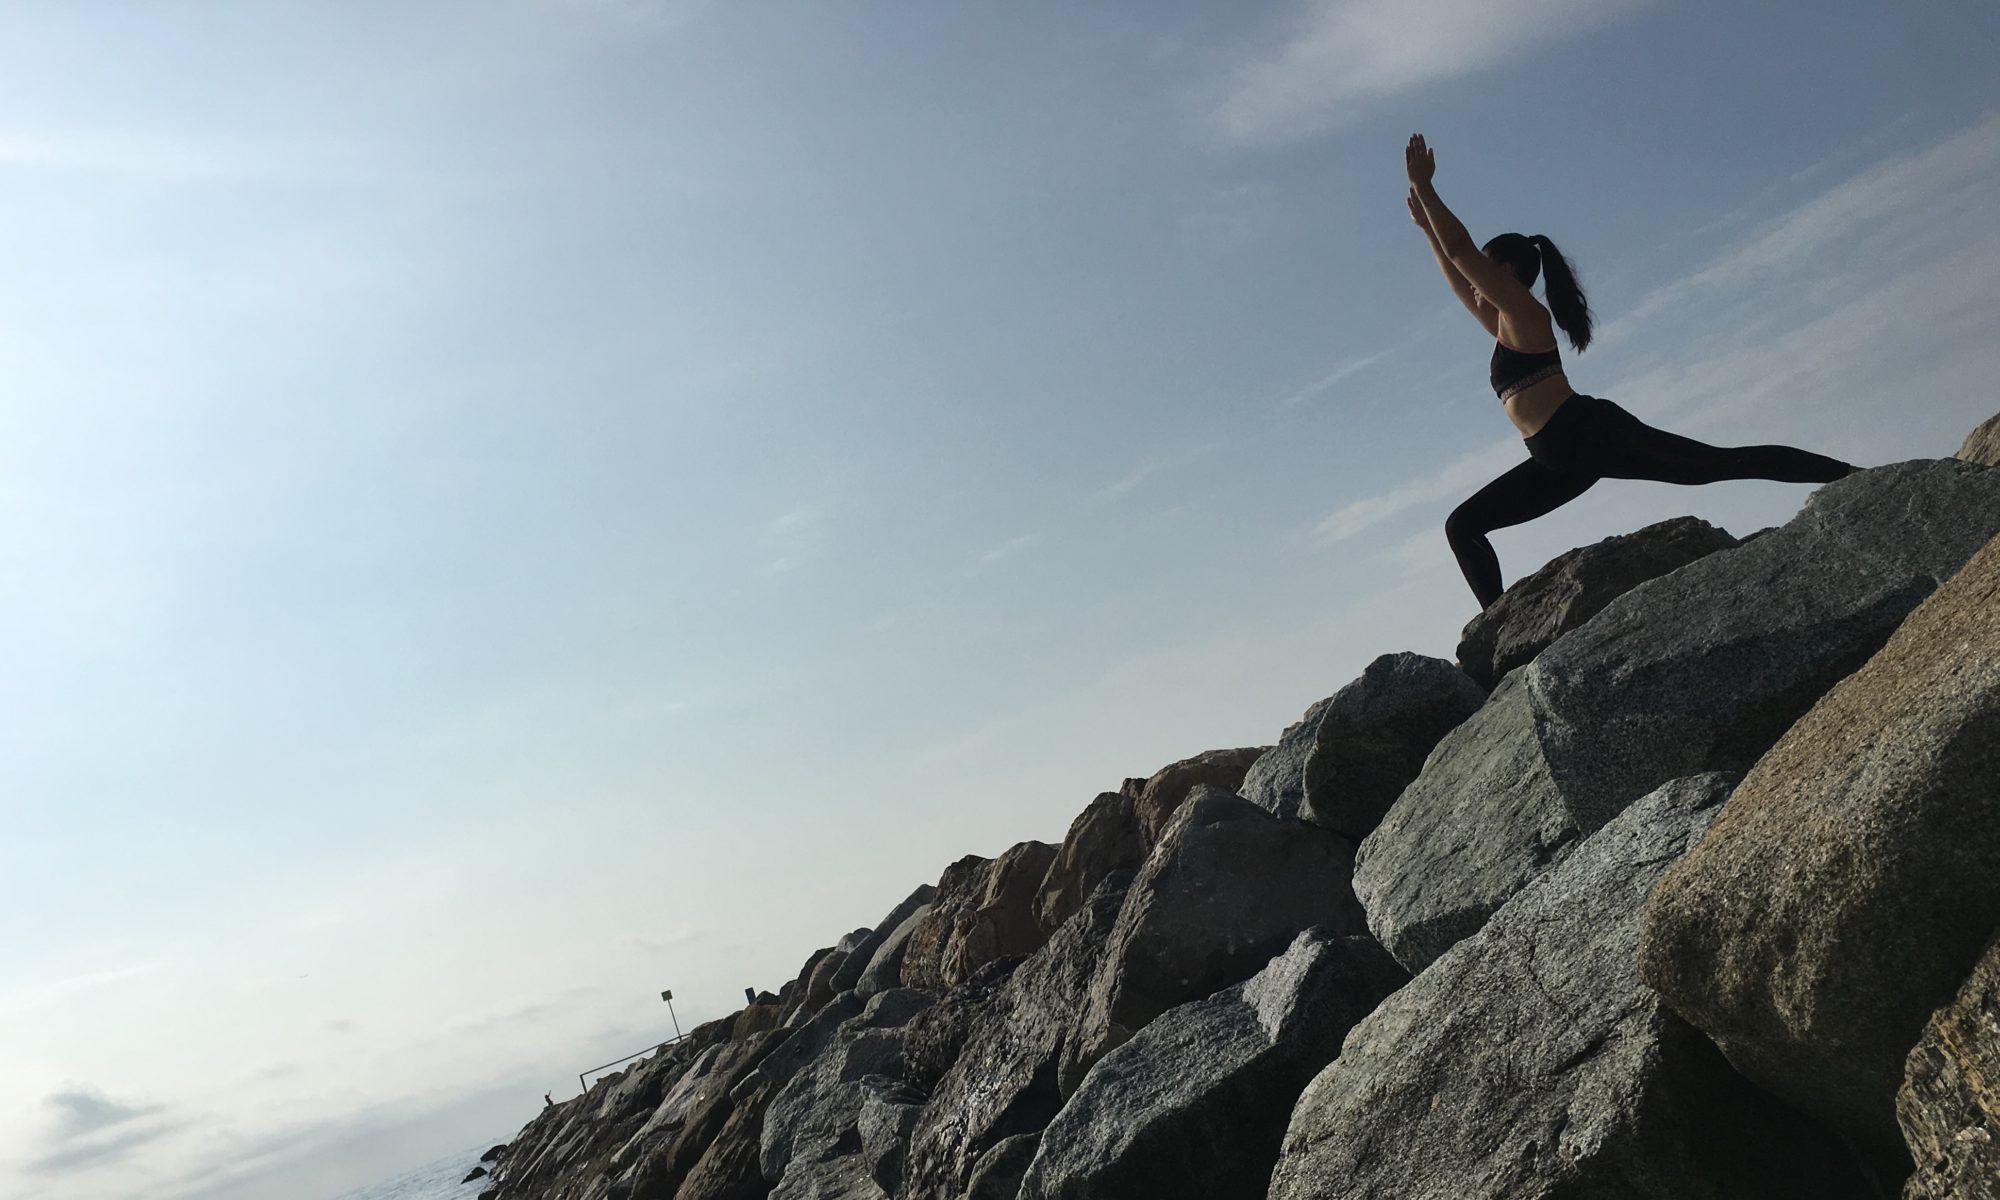 Fitness, Unternehmen, Stadt, Gruppentraining, Fitness Zürich, yoga, Rumpfstärkung, rumpf stärken, flexibility, Beweglichkeit, Stretching, stretch, Faszien, Faszien Training, Dehnen, intensiv, Power Yoga, Power Yoga Zürich Oerlikon, Örlikon, Zürich Oerlikon, Stabilität, Core, Bauchtraining, beweglich werden, gelenkig werden, Beweglichkeit, Kraftaufbau, Muskelaufbau, Yoga Zürich Nord, Zürich Nord, fit werden, fit, Yoga für Athleten, Regeneration Yoga, Faszien dehnen, sport, Natur sport, Sport Stadt, Fitness Stadt, Vinyasa Yoga, urban, urbn, strong, balance,